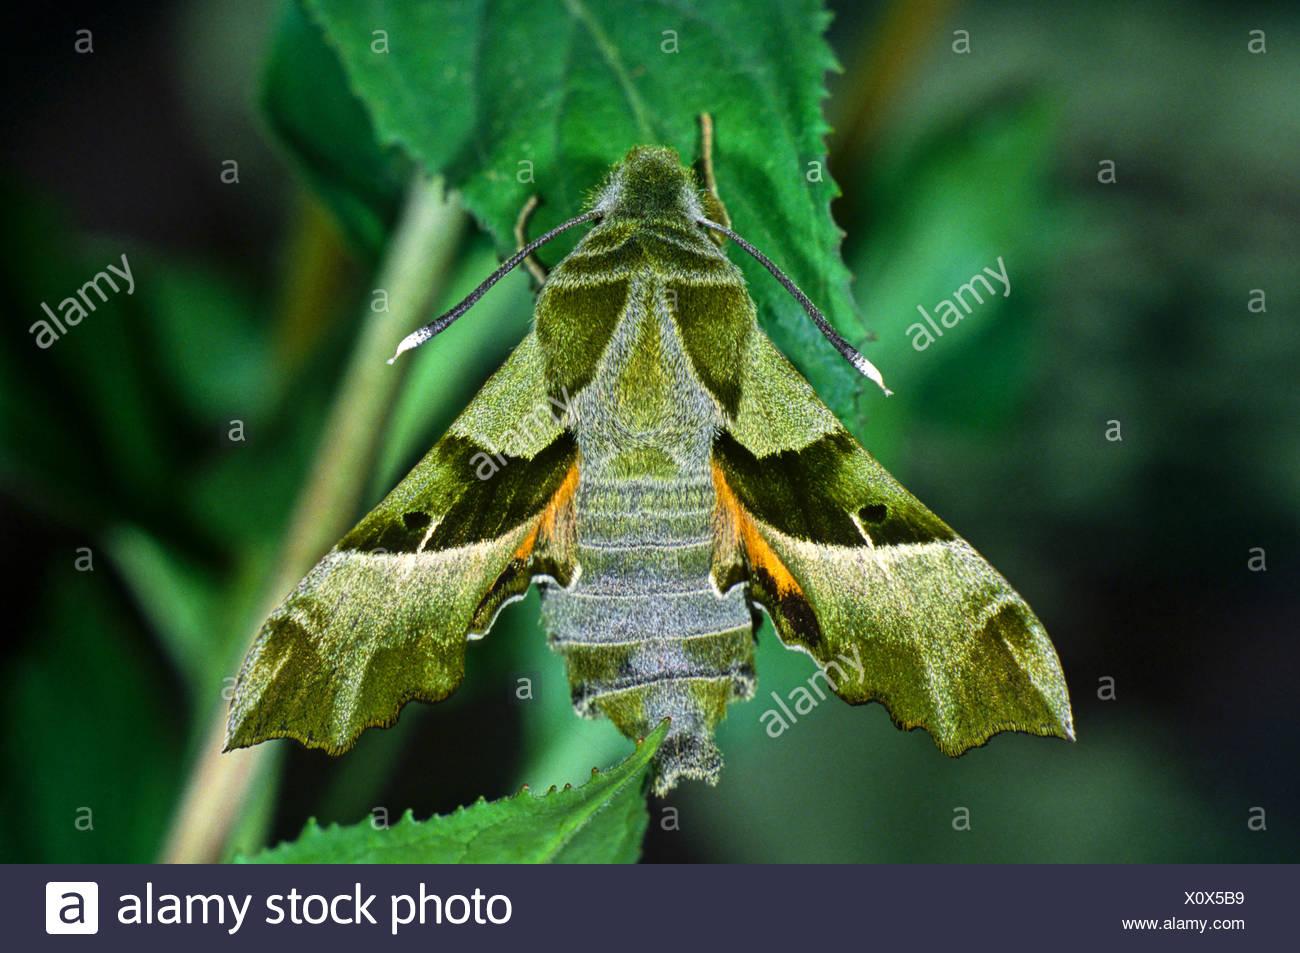 Sưu tập Bộ cánh vẩy  - Page 45 Willowherb-hawk-moth-proserpinus-proserpina-fam-hawk-moths-X0X5B9